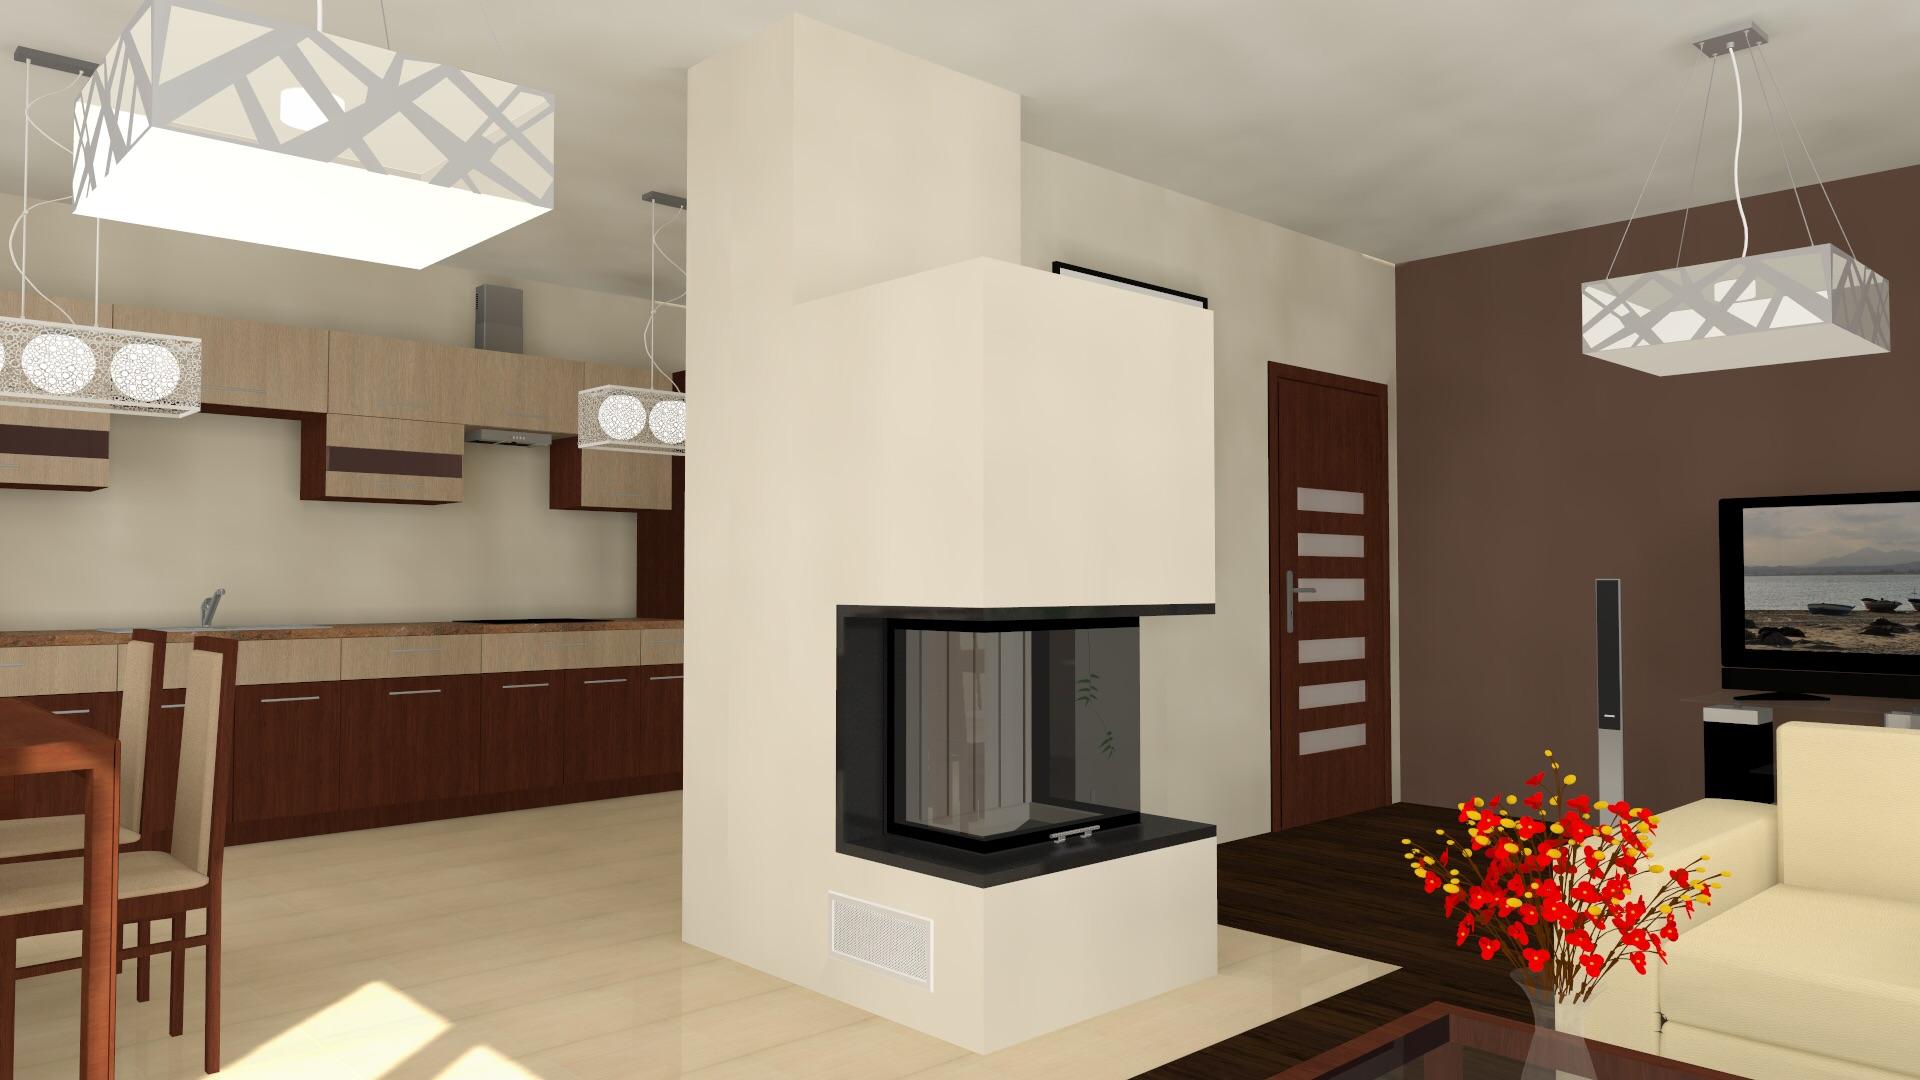 dreiseitiger moderner kamin zp11 mit spartherm mit montage. Black Bedroom Furniture Sets. Home Design Ideas